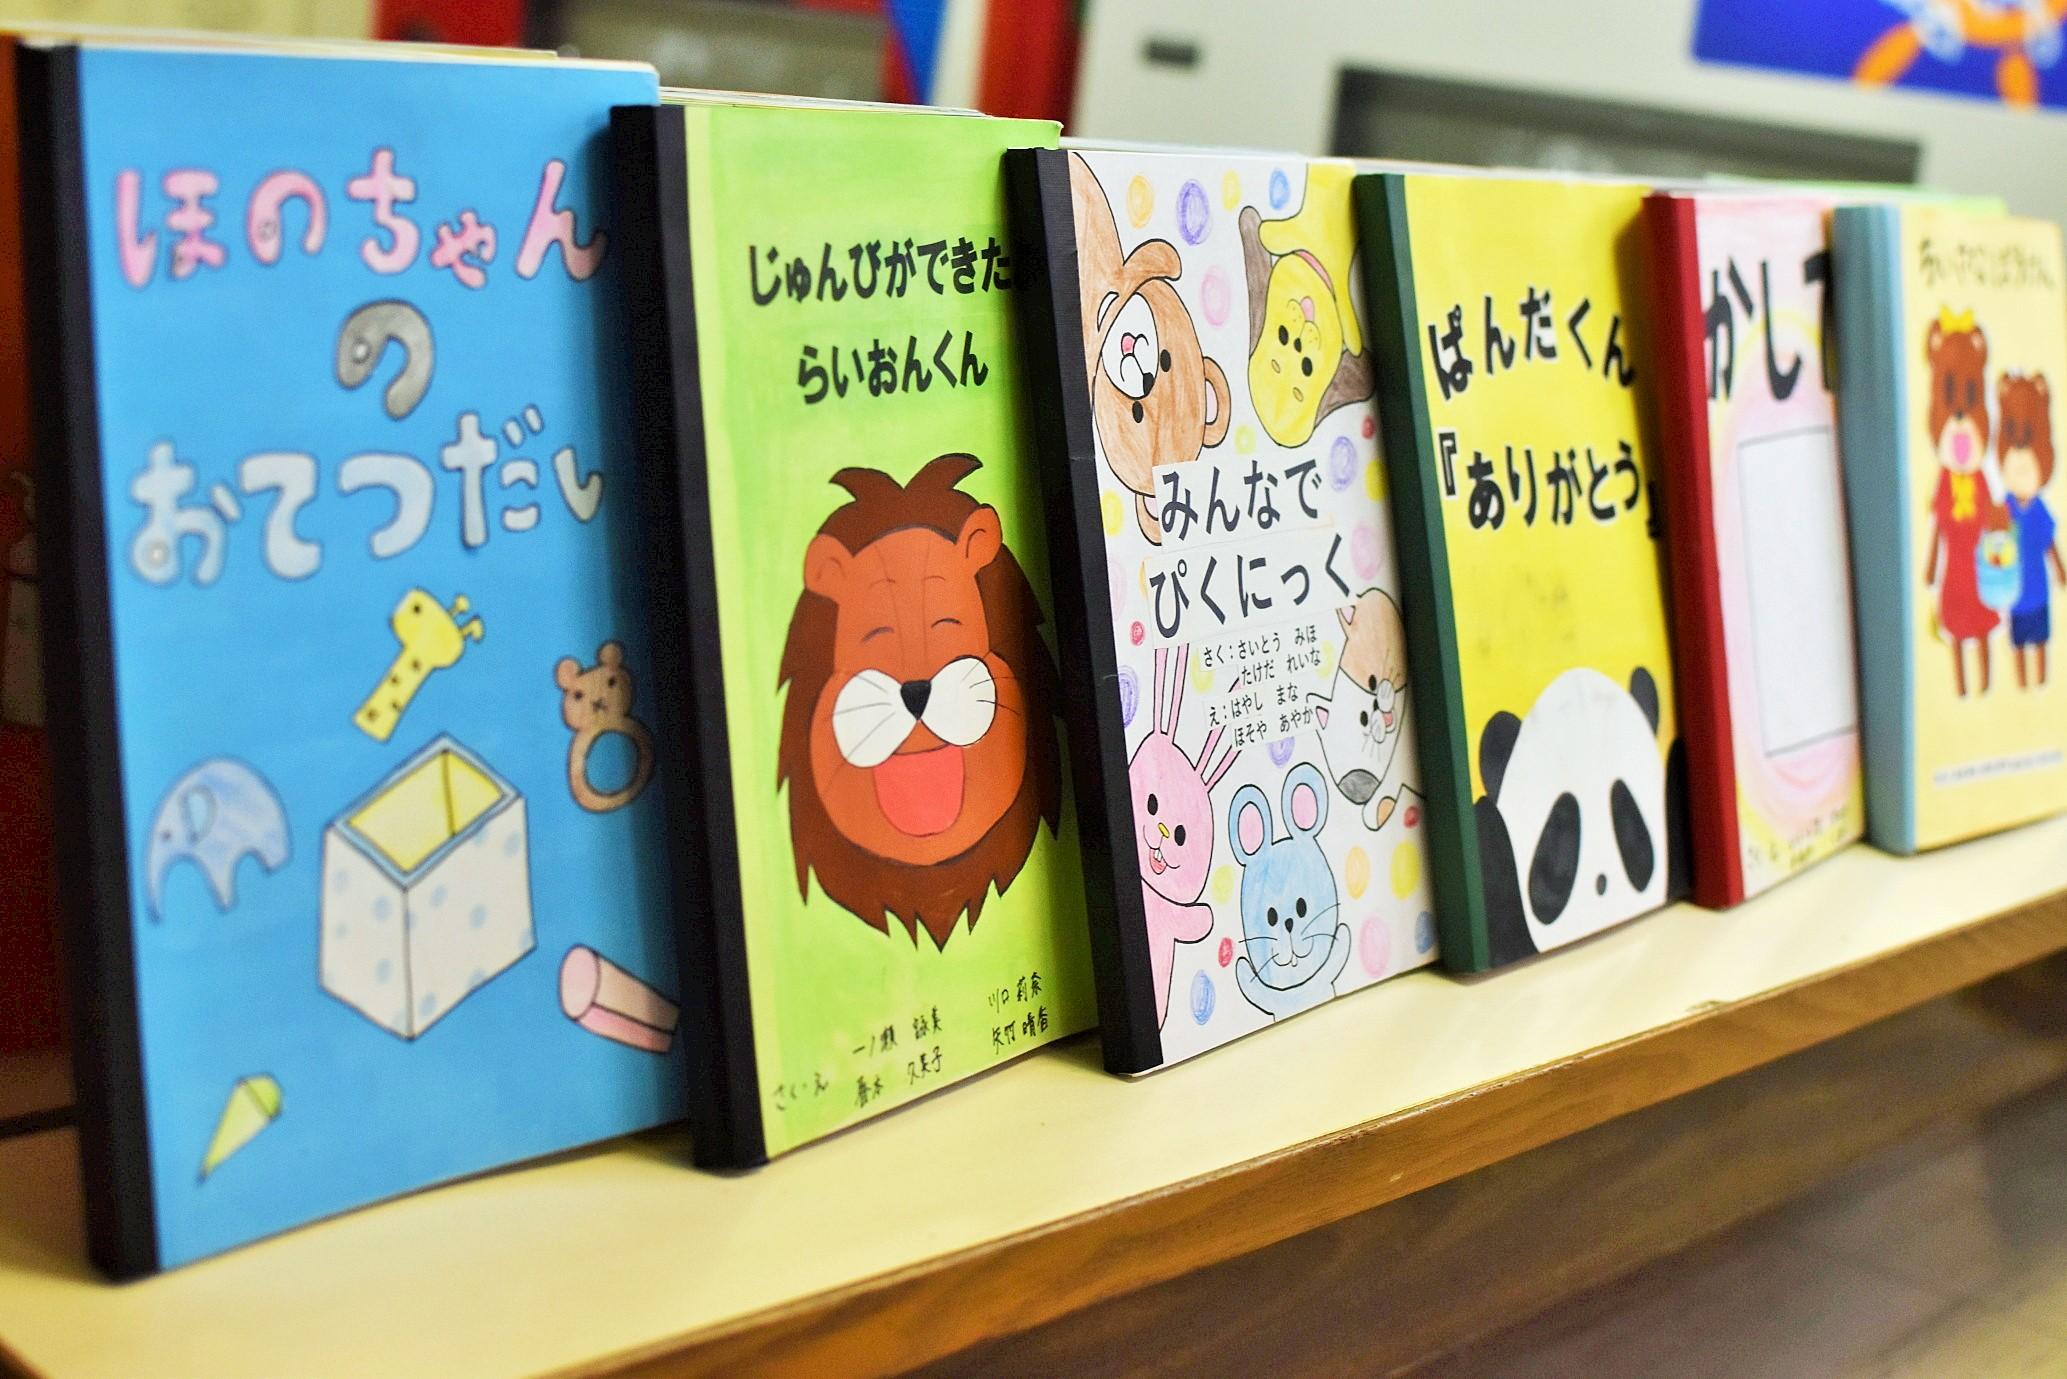 乳幼児の絵本の特徴を分析し絵本制作 古川先生の「保育内容指導法Ⅷ」